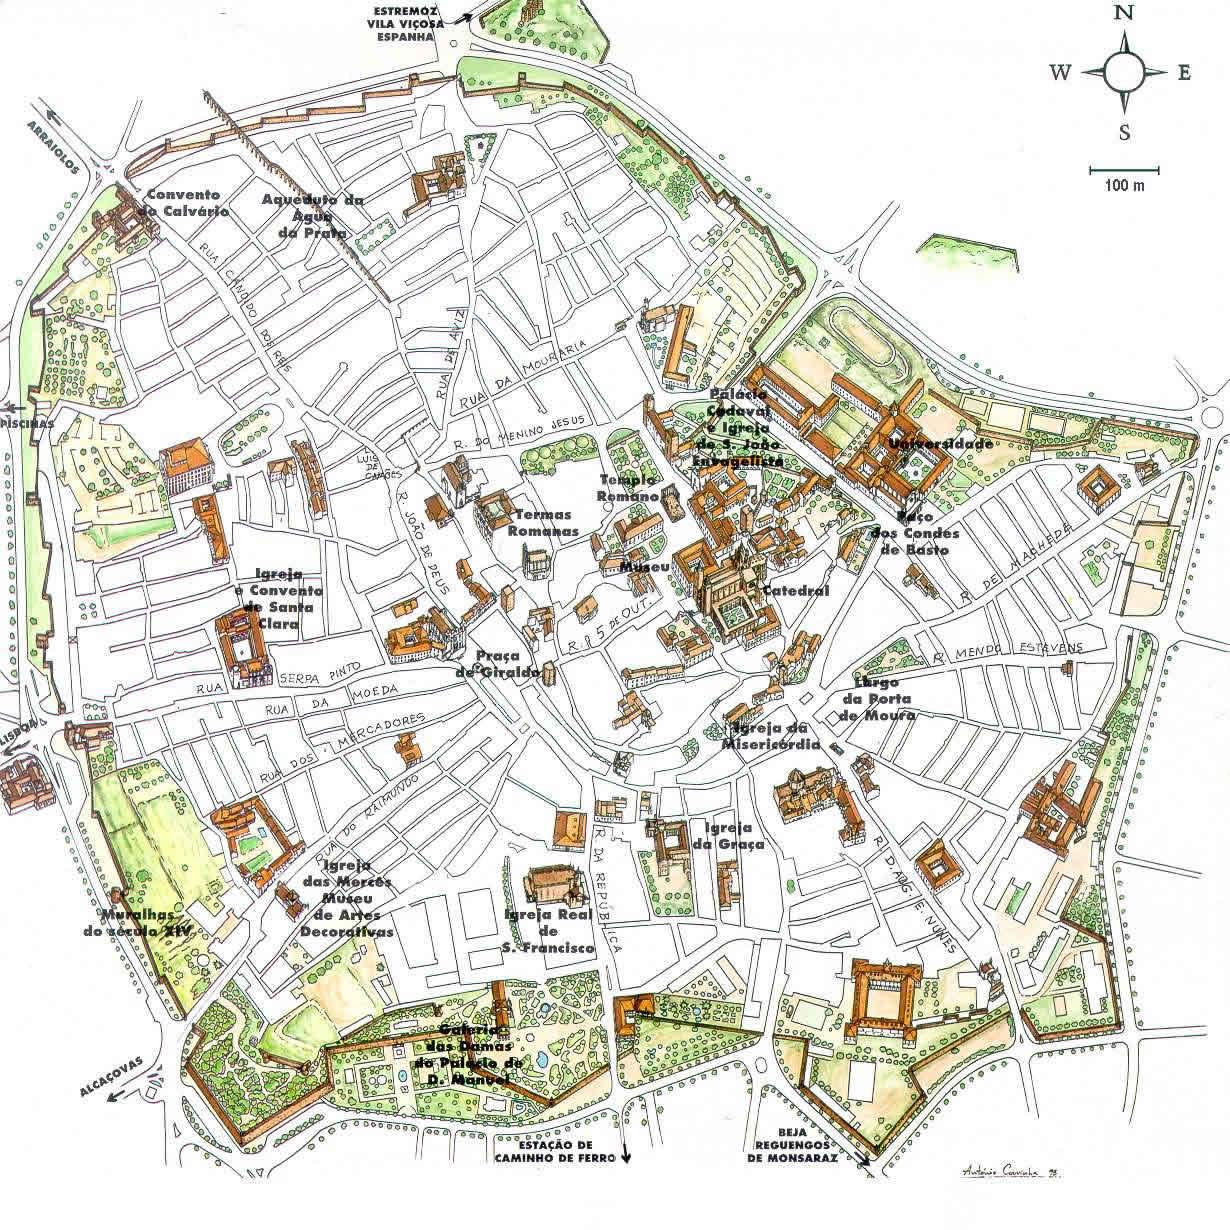 Mapa Monumentos Evora